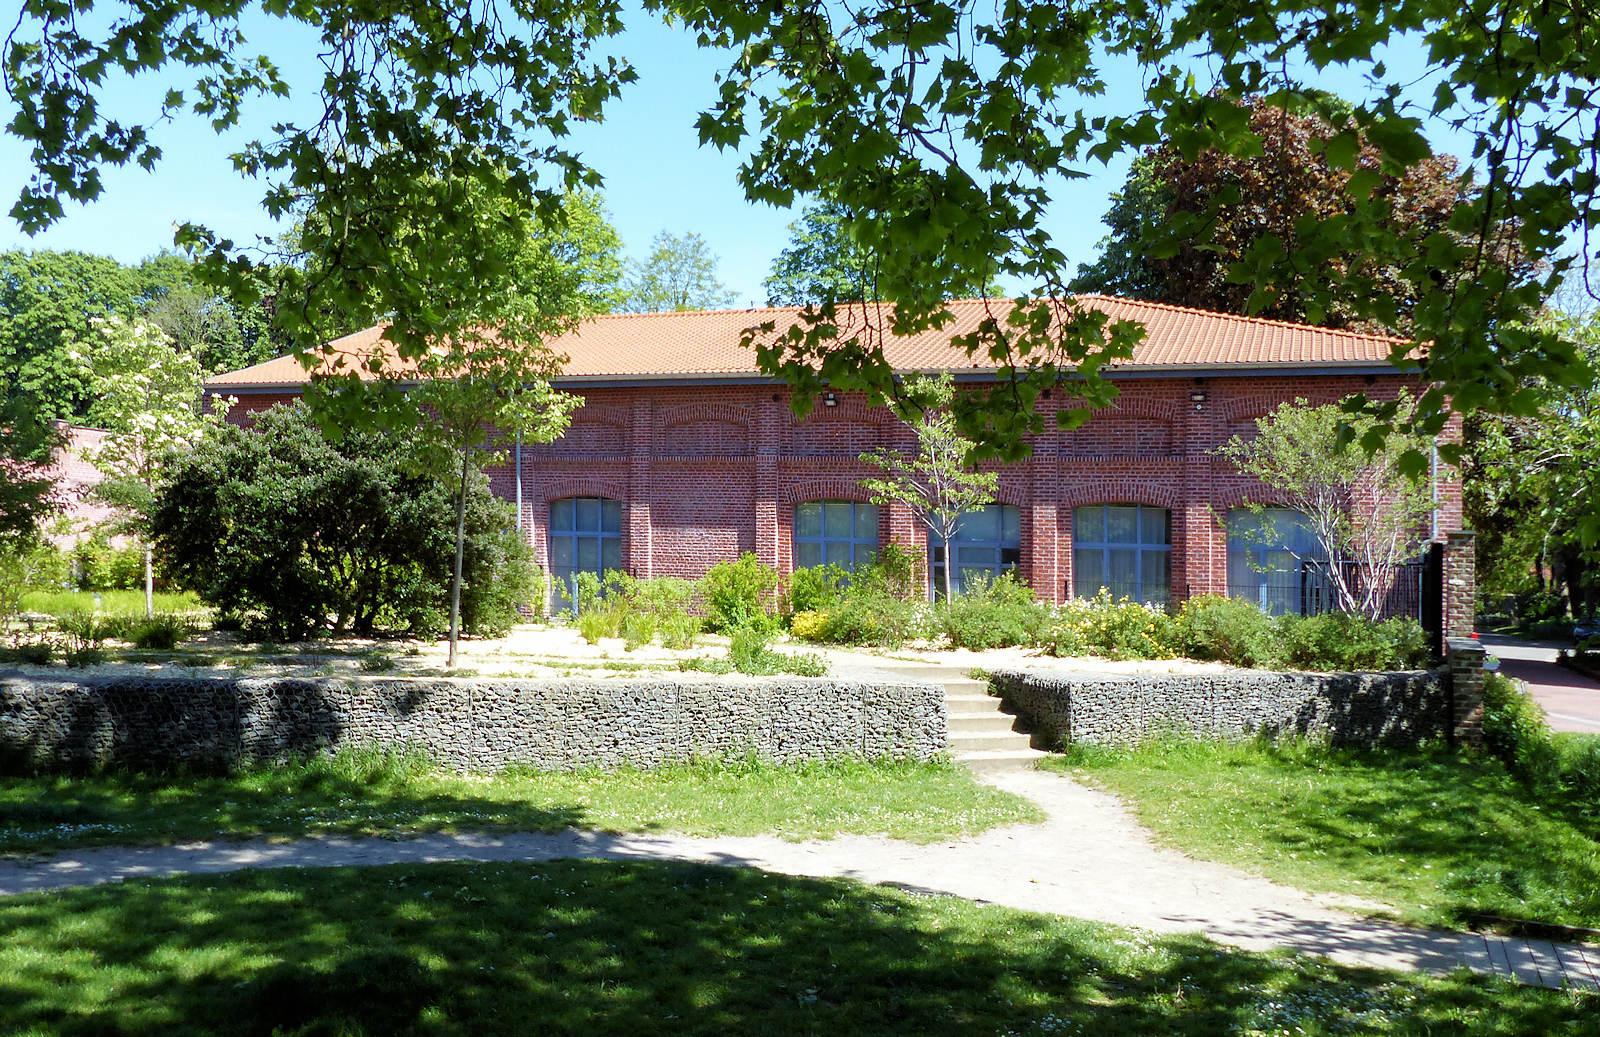 Bourloire Saint Christophe - Tourcoing, Jardin botanique